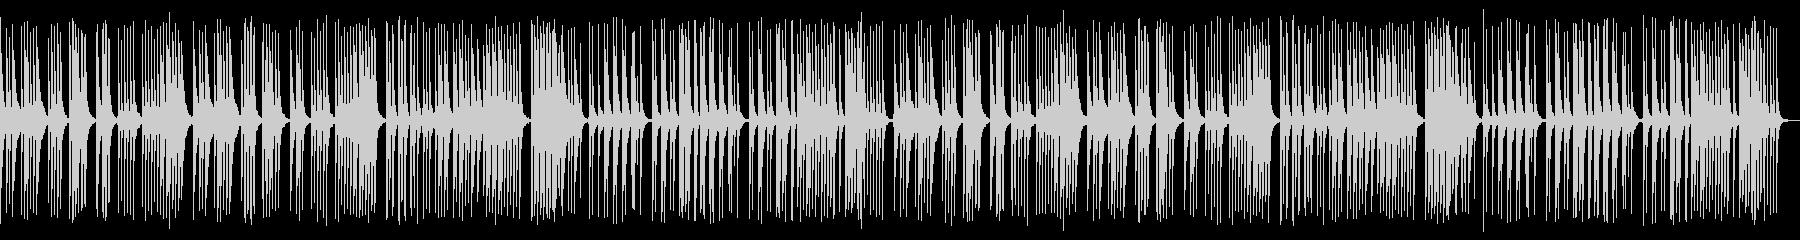 ほのぼのした雰囲気。三線のみを使用した曲の未再生の波形